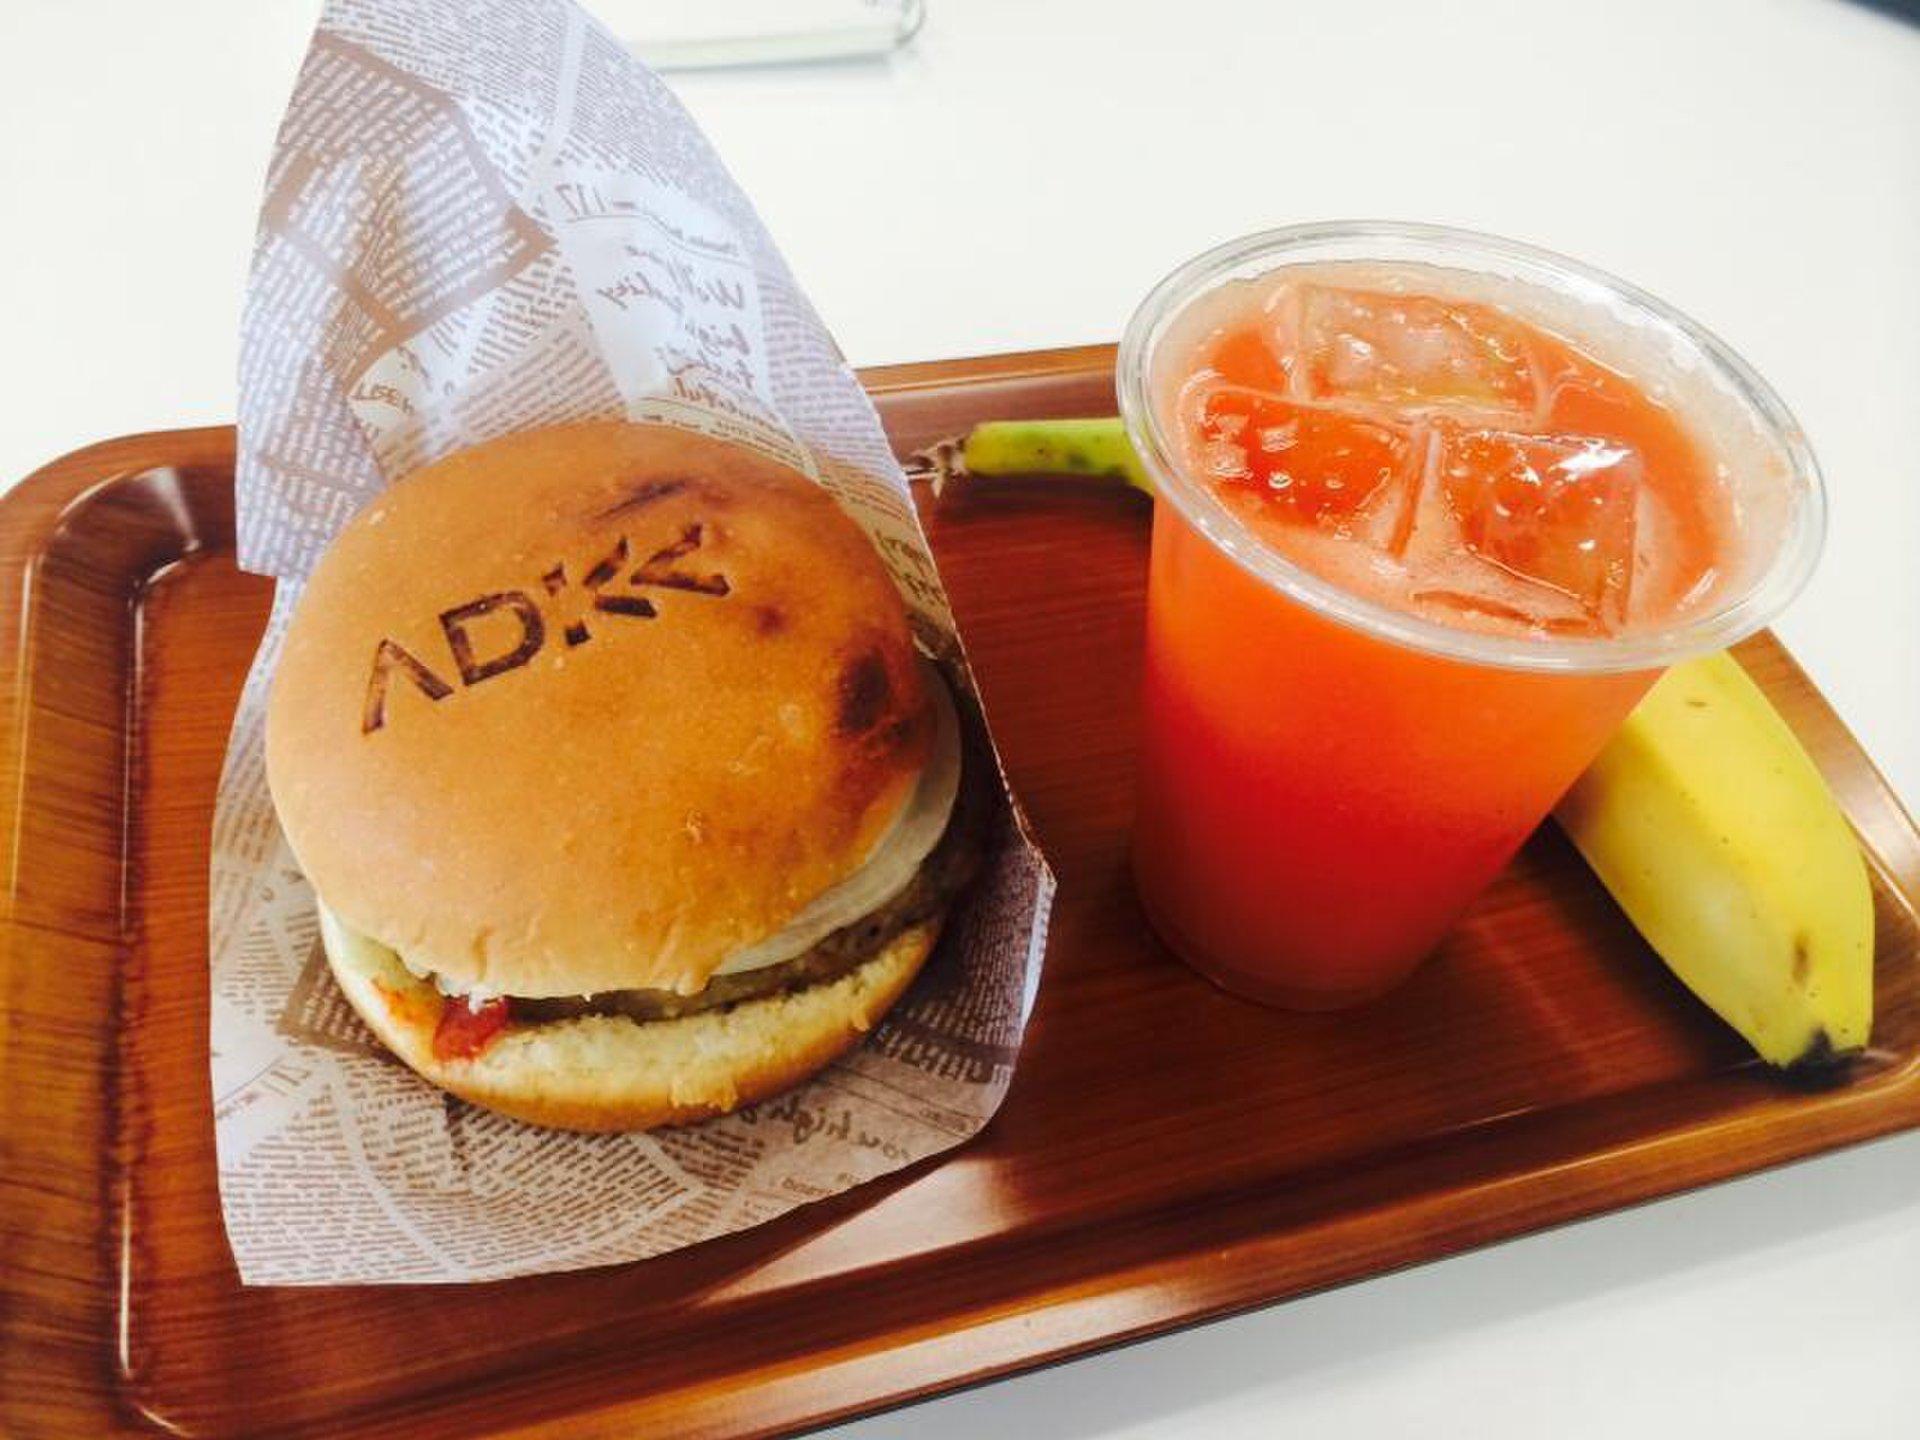 アサツーディケーさんの食堂でのみ食べられるウマすぎるハンバーガー?ADKバーガーを食べる。